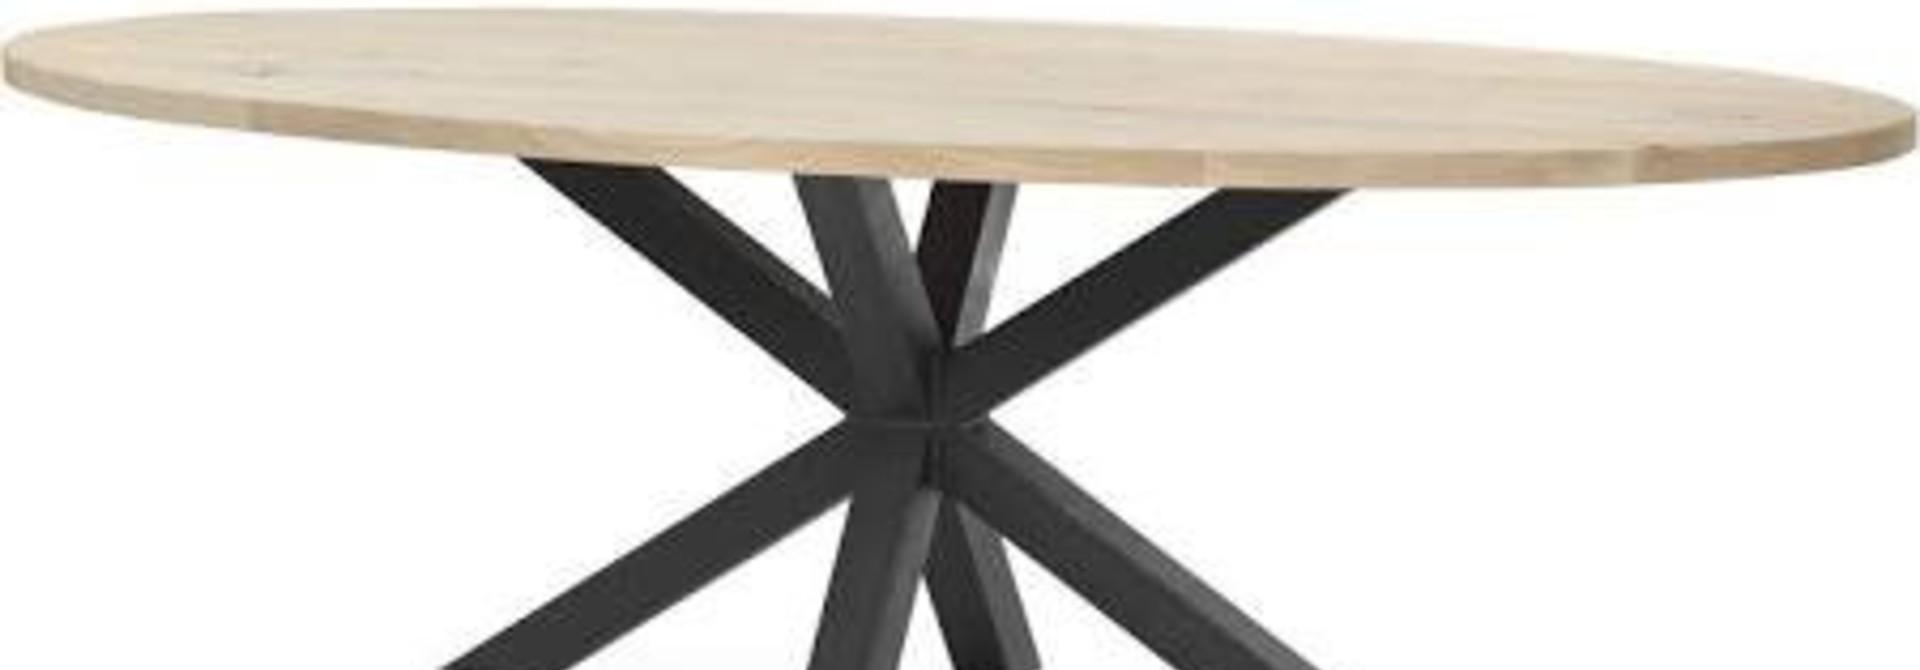 Ovale industriële eiken tafels met een robuust stalen onderstel